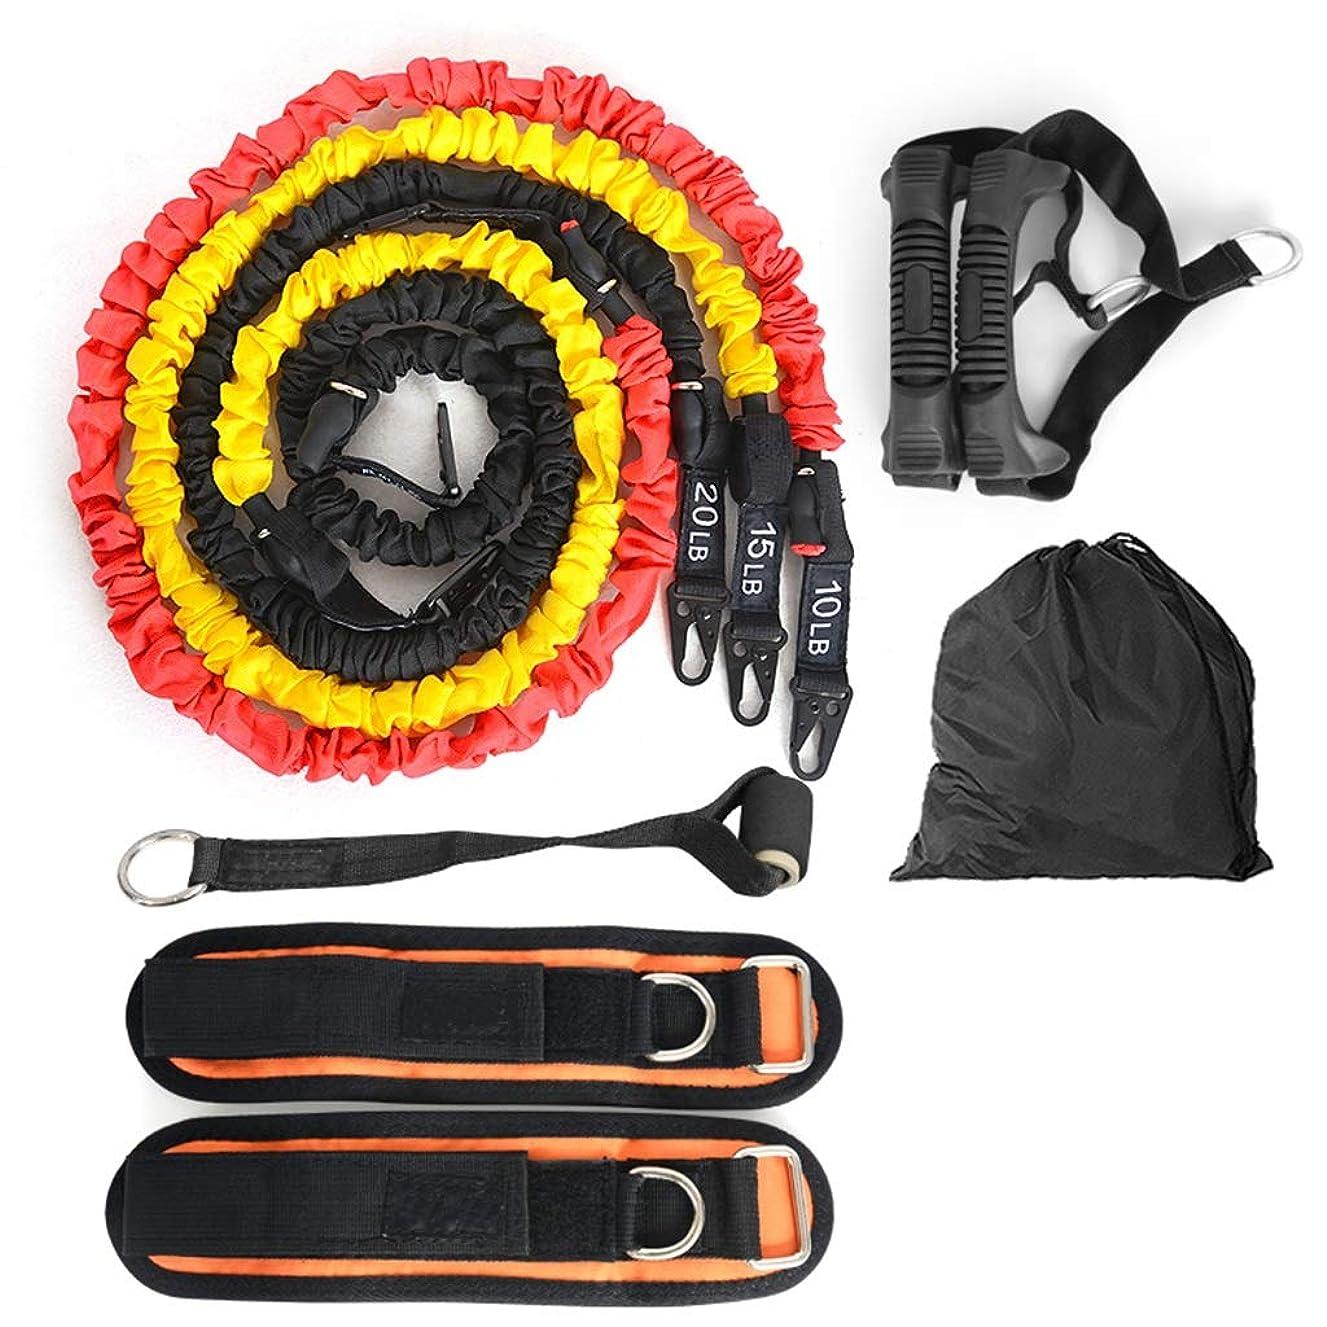 ライン接ぎ木資格情報多機能ワードロープの男性と女性のフィットネス機器の抵抗薄い腕のトレーニング弾性ロープ弾性ベルトテンショナー (色 : 45 pounds)